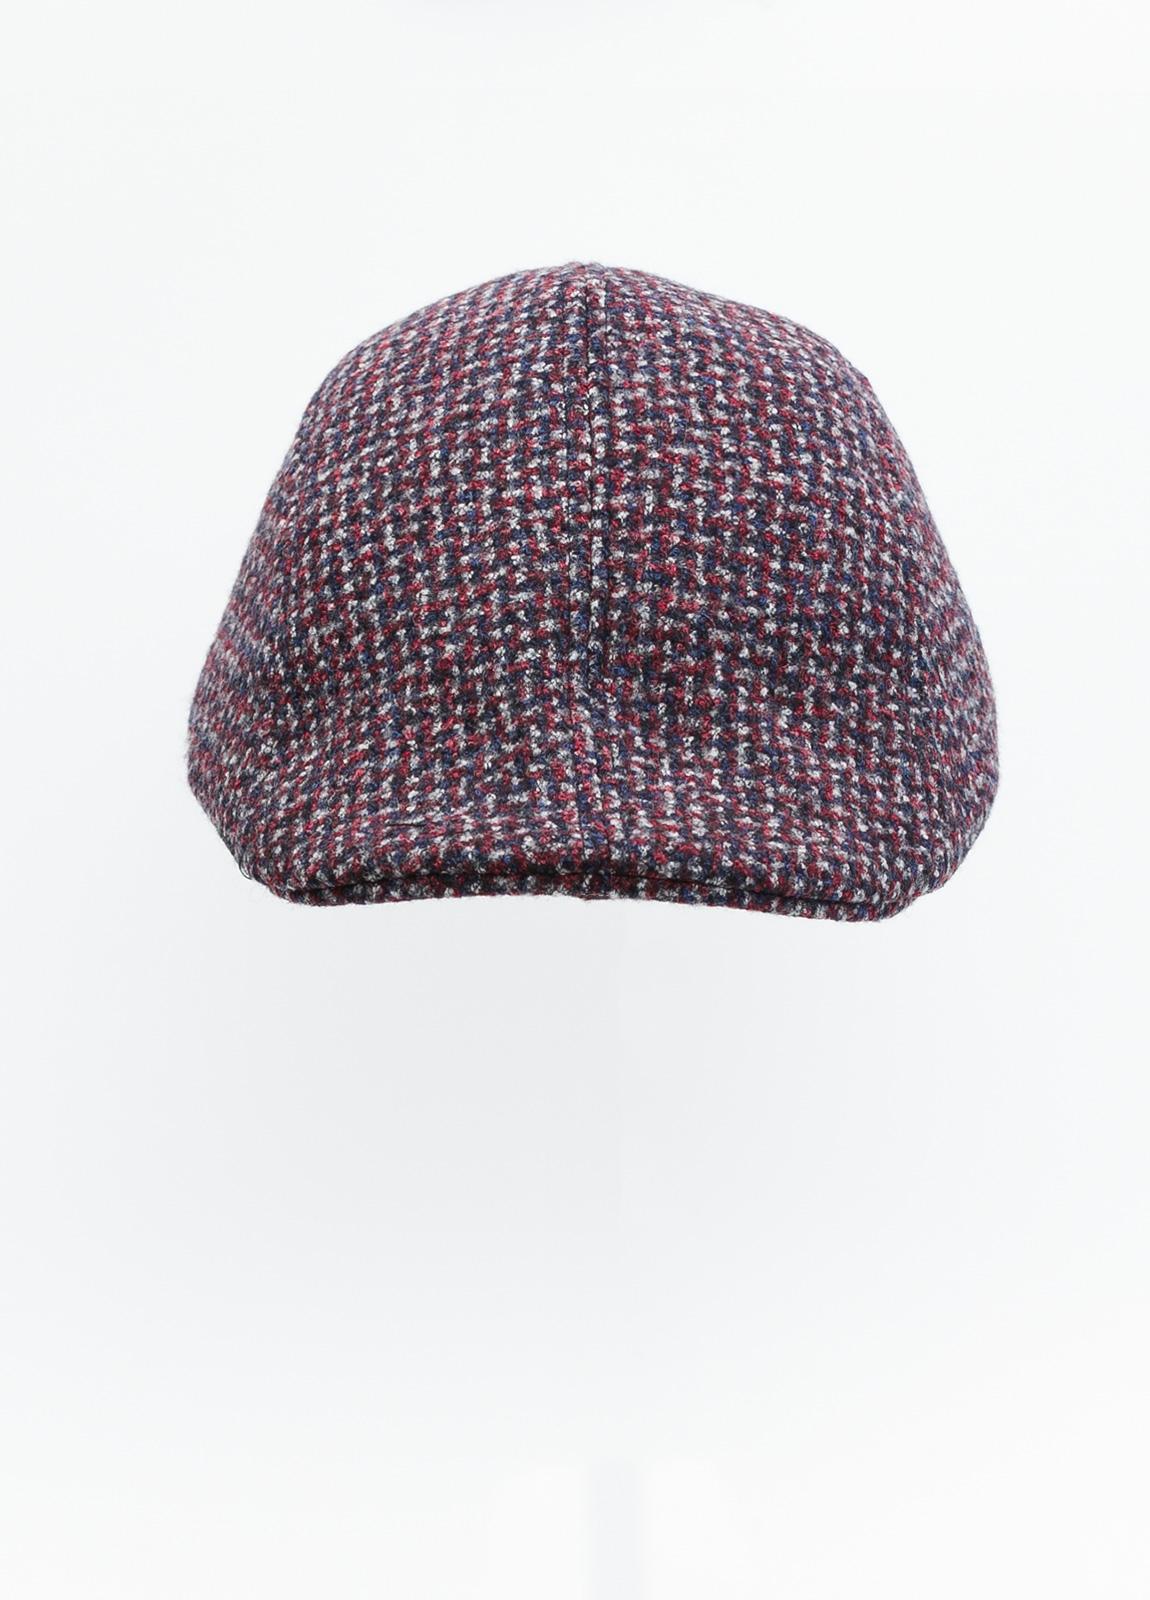 Gorra tipo ascot color granate tejido de lana con diseño jaspeado. - Ítem1